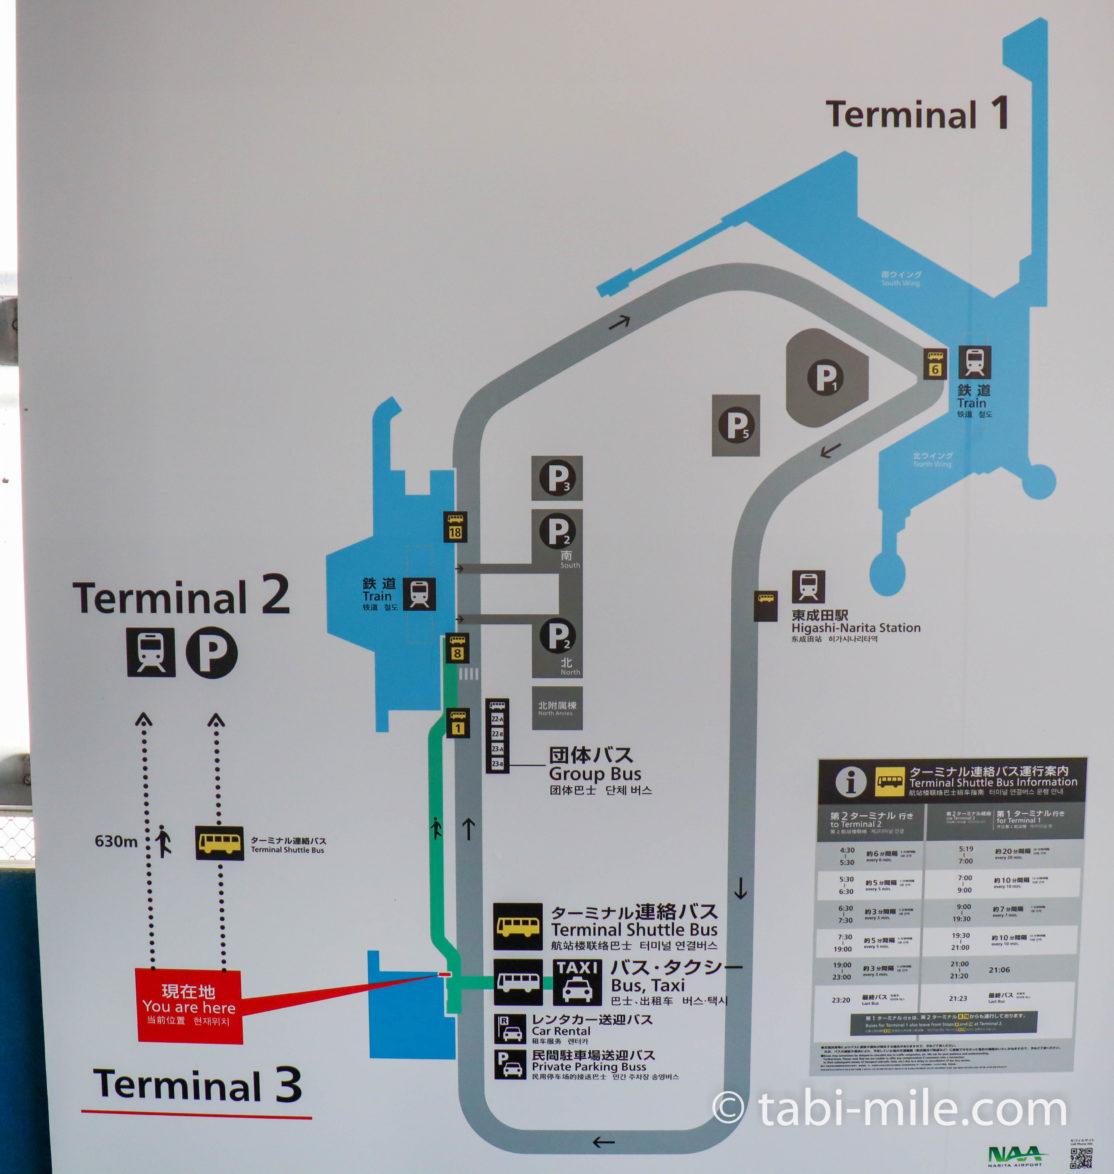 成田空港第3ターミナル マップ